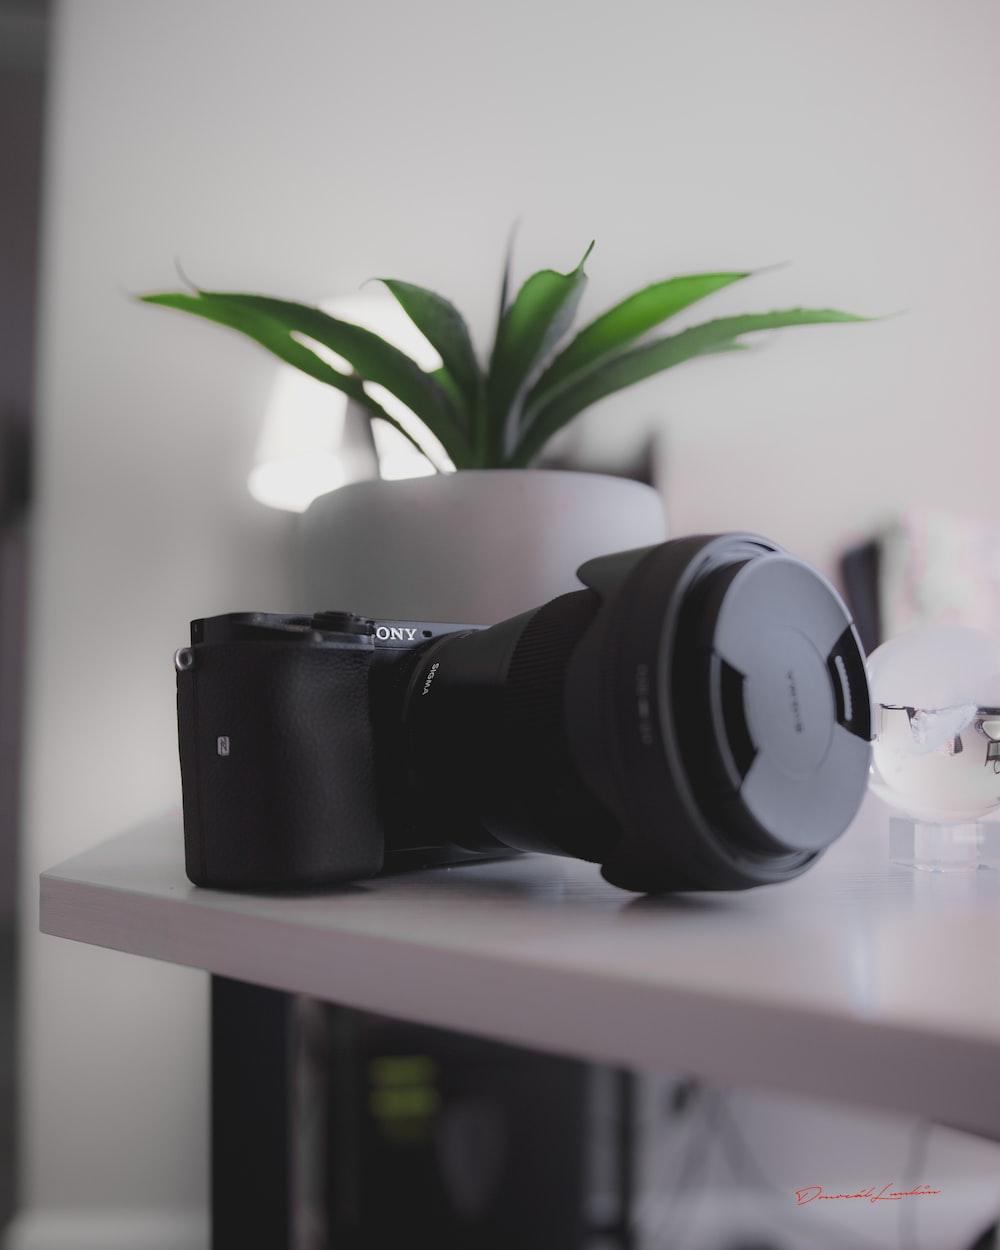 black and white headphones on white wooden shelf